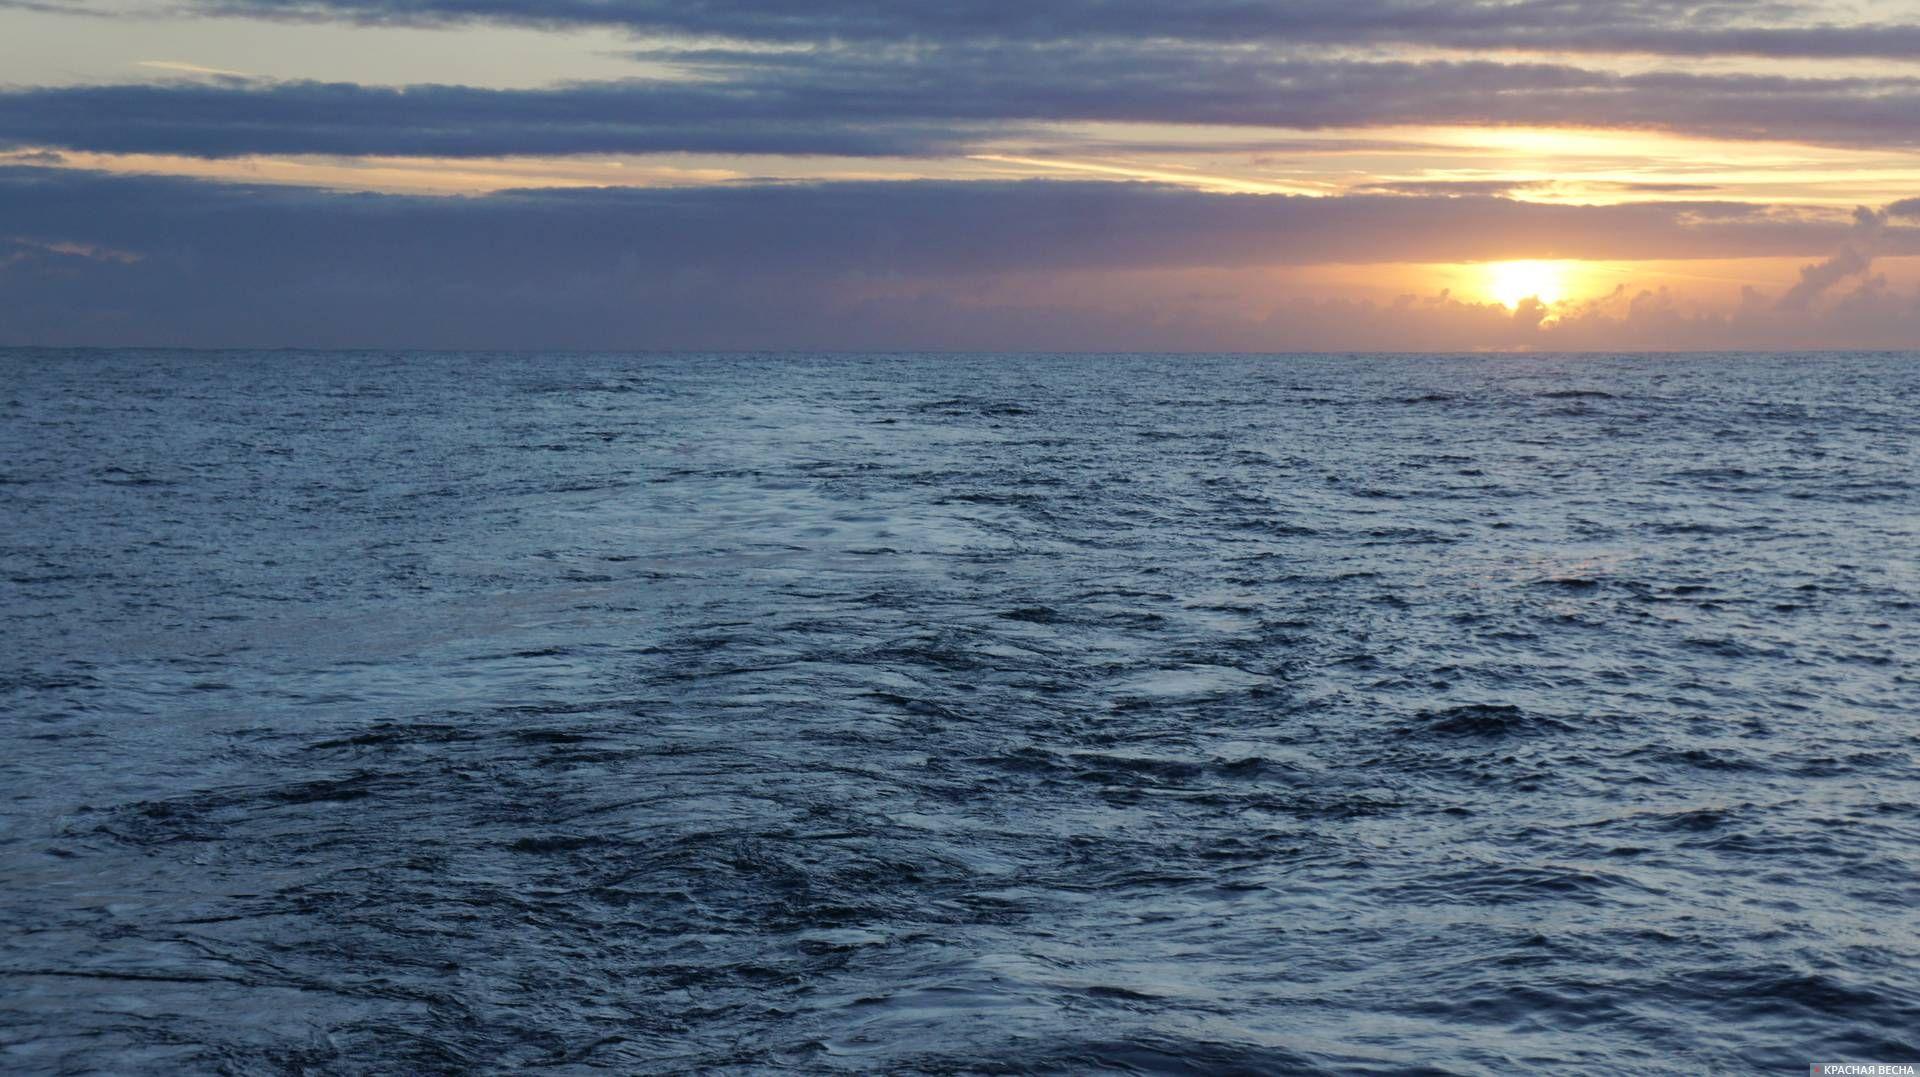 Вечер на Северном море Иван Соболев © ИА Красная Весна